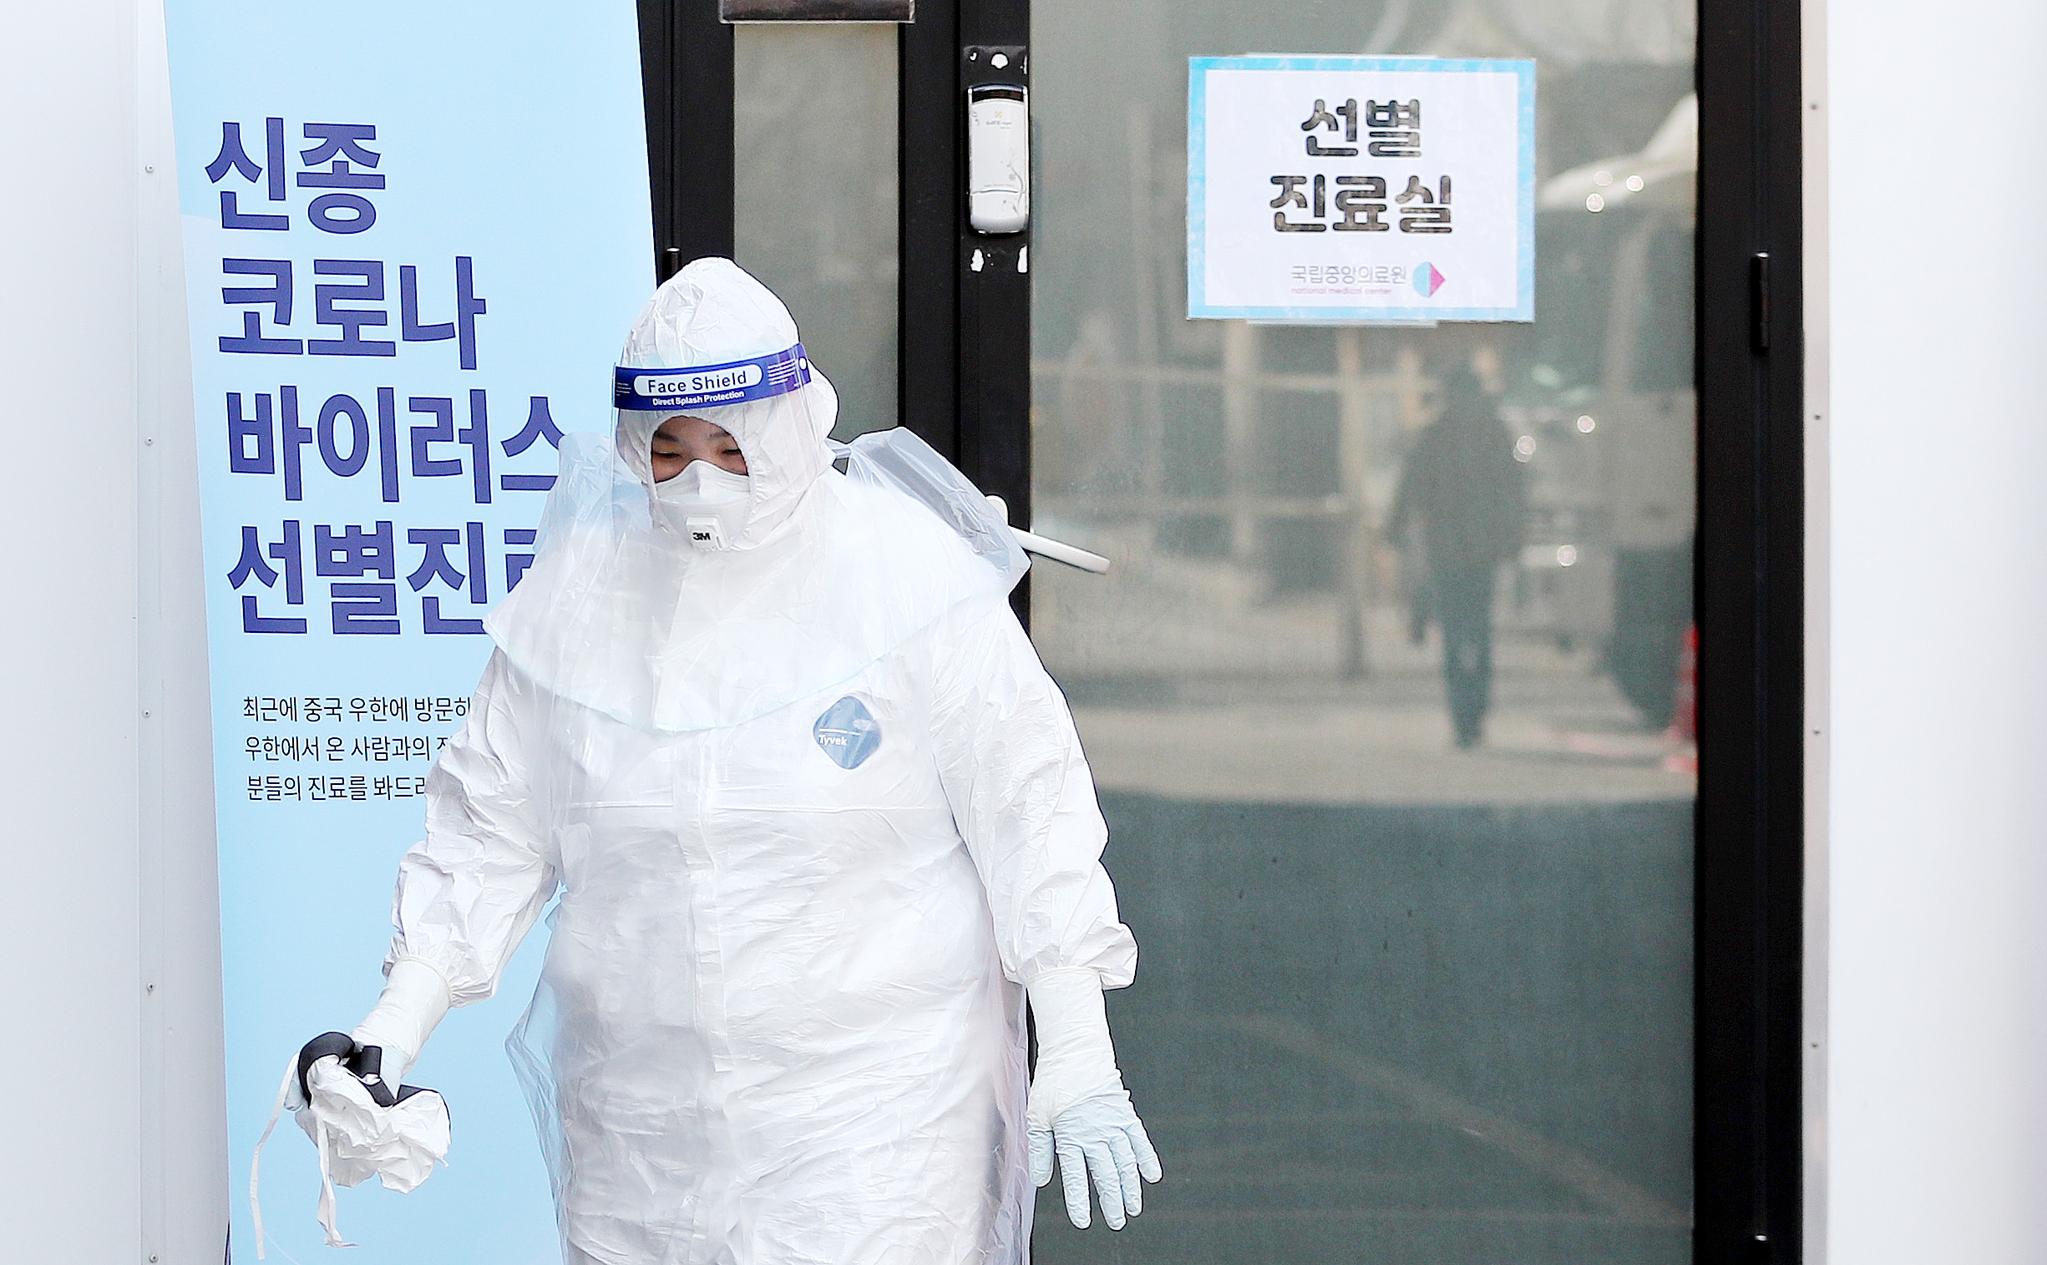 5일 서울 중구 국립중앙의료원에 설치된 선별진료실 앞에서 의료진이 분주하게 움직이고 있다. [뉴스1]